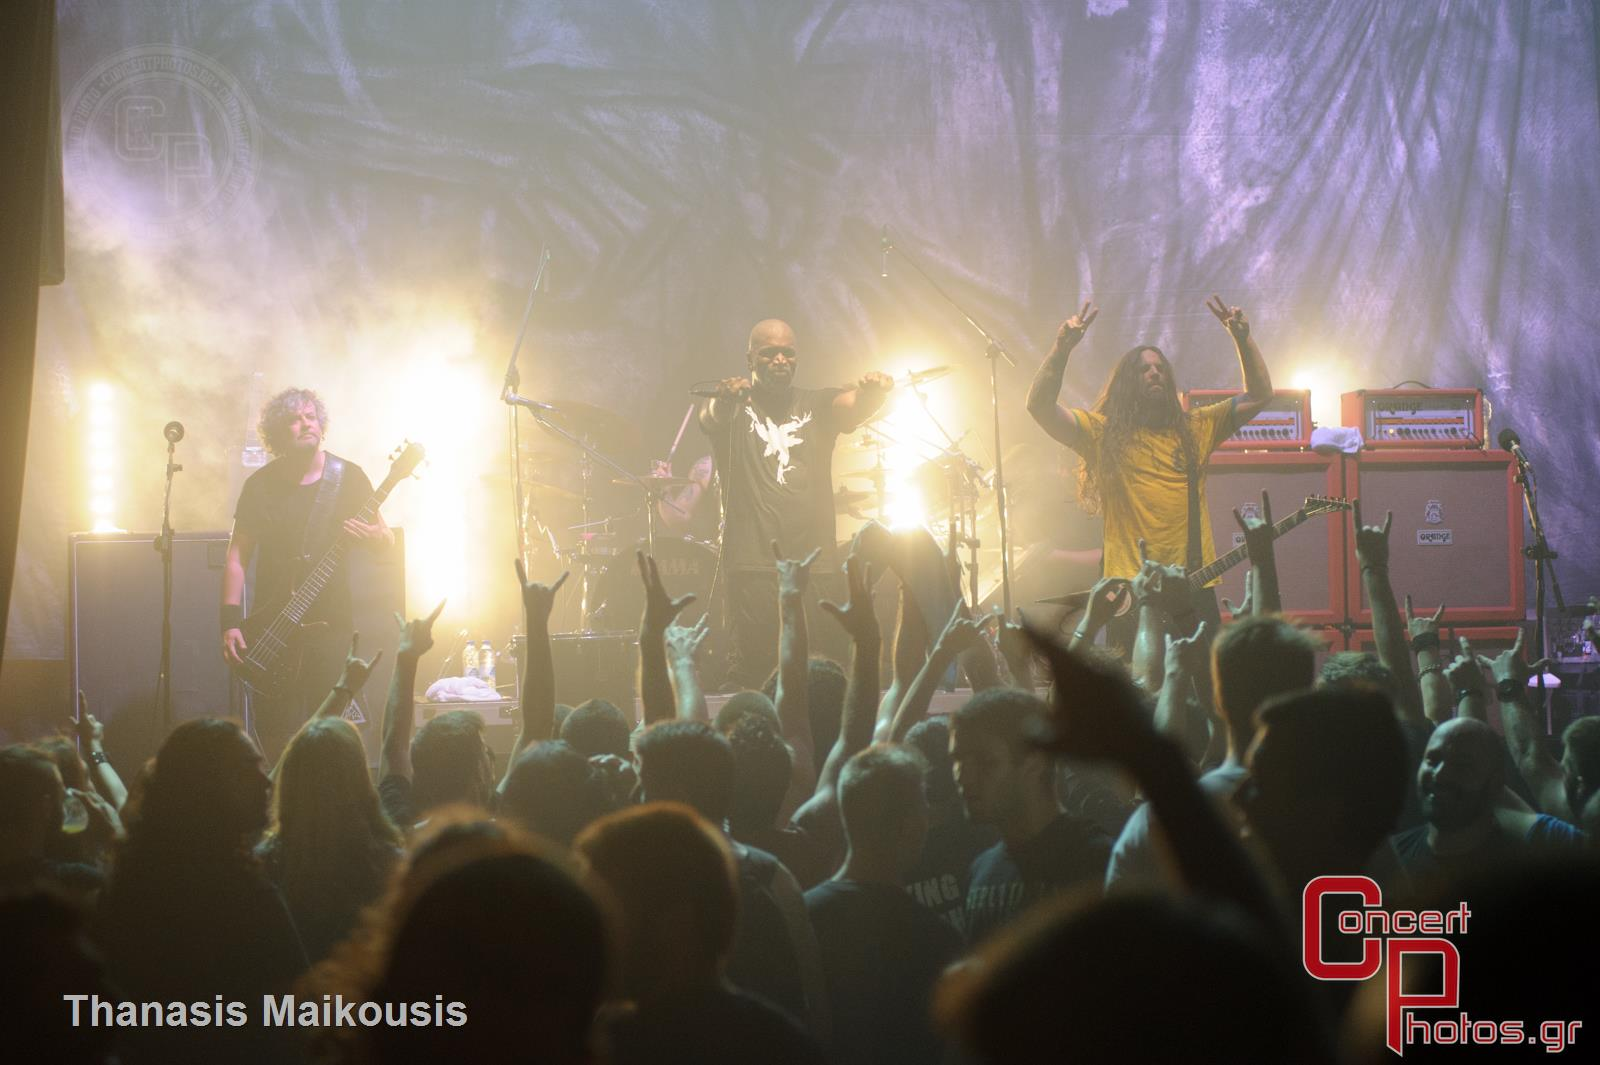 Sepultura-Sepultira photographer: Thanasis Maikousis - concertphotos_20140703_23_01_22